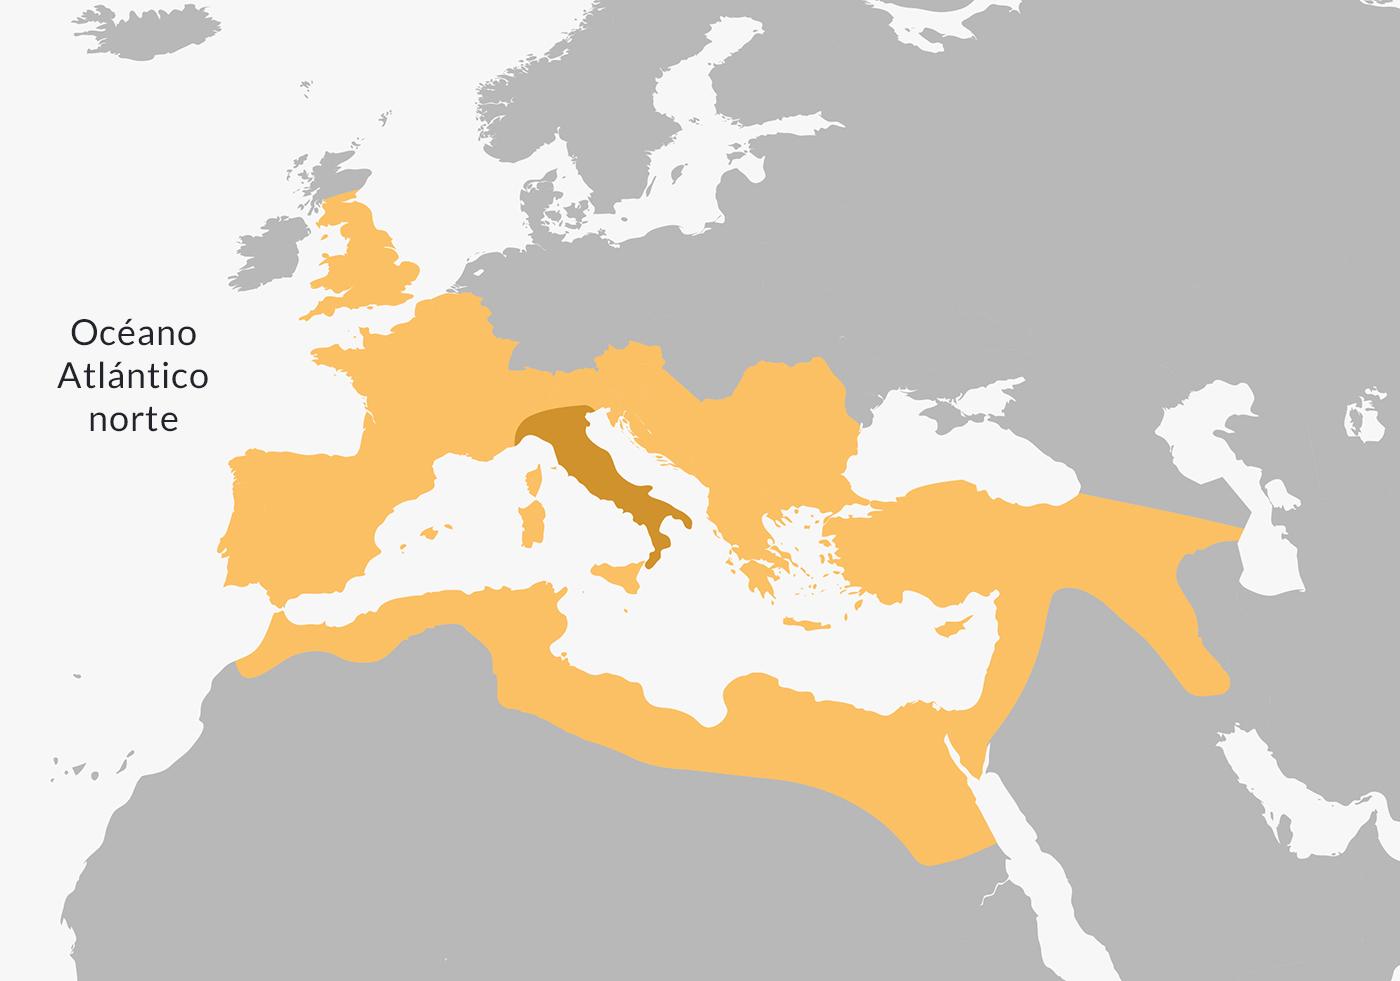 Ubicación en el mapa de la cultura romana.